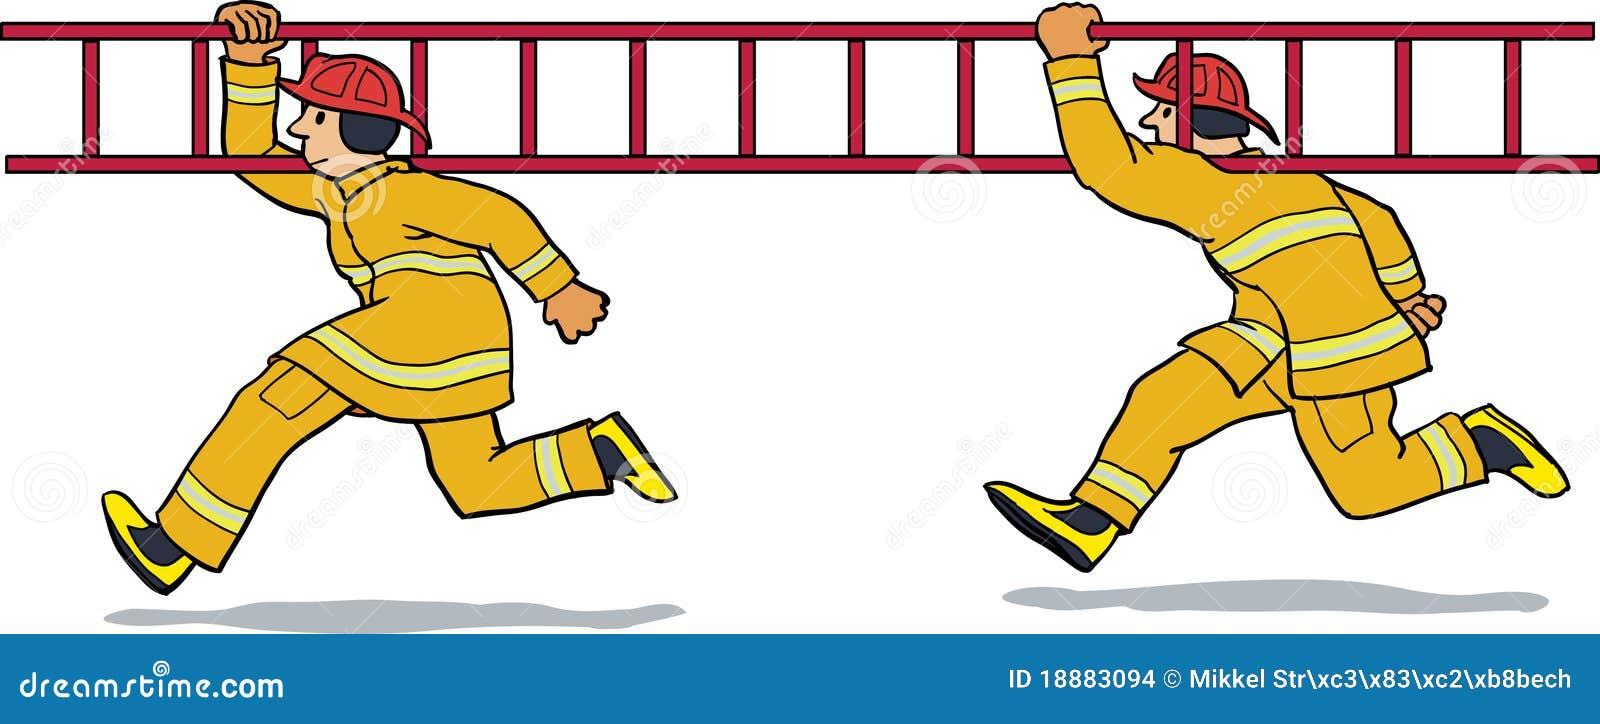 Brandweerlieden Die Met Ladder Lopen Stock Afbeeldingen ...